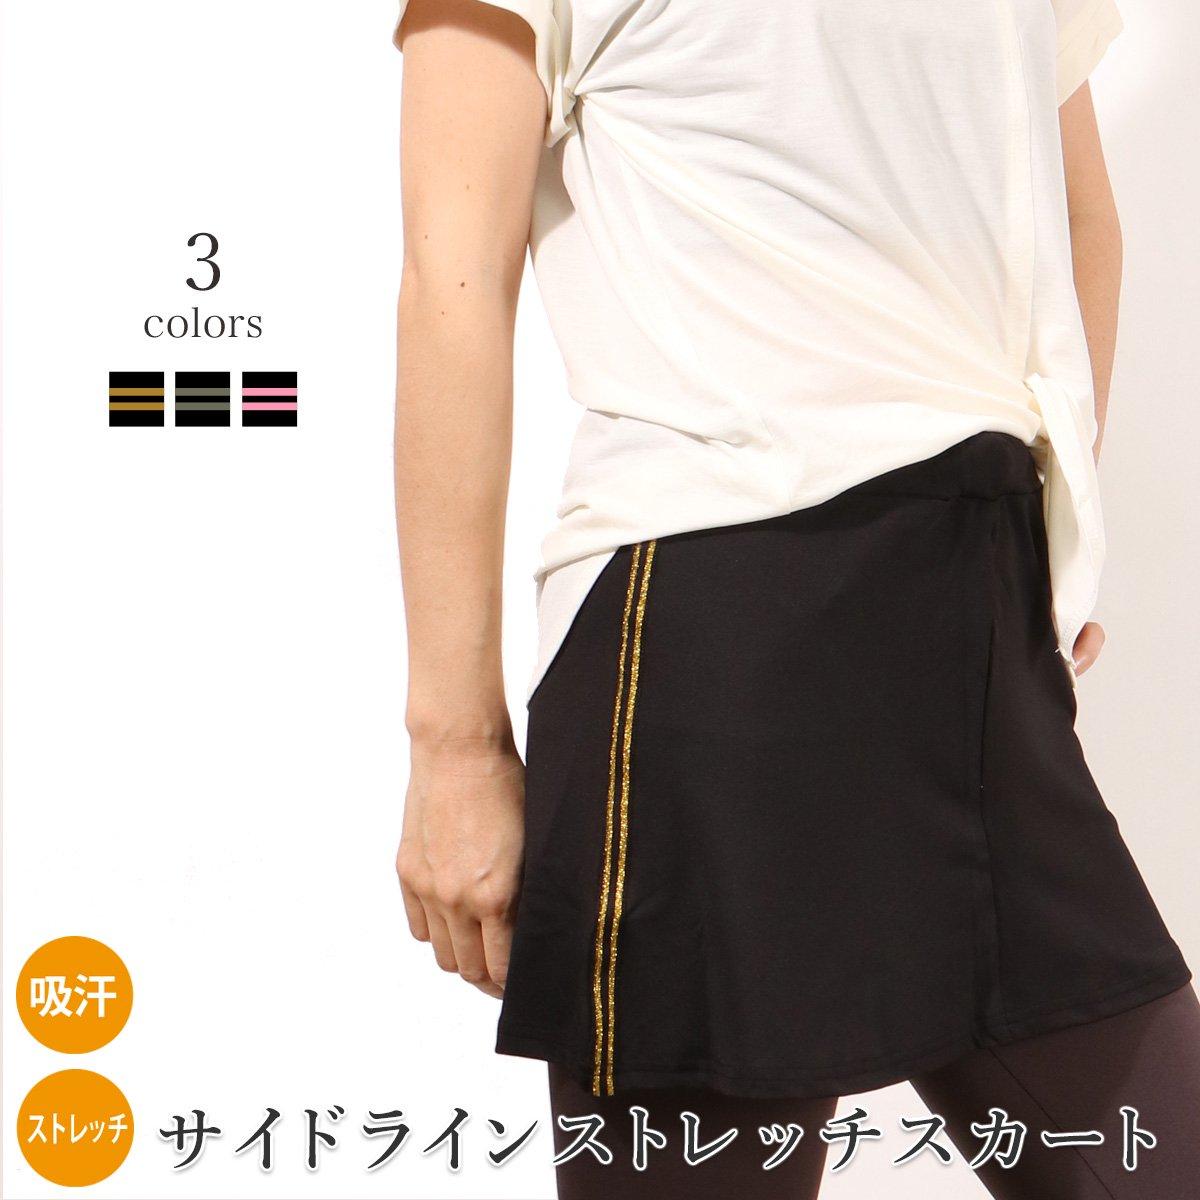 サイドラインスカート ヨガウェア 【ヨガボトム】 ランニングウェア ランニングスカート